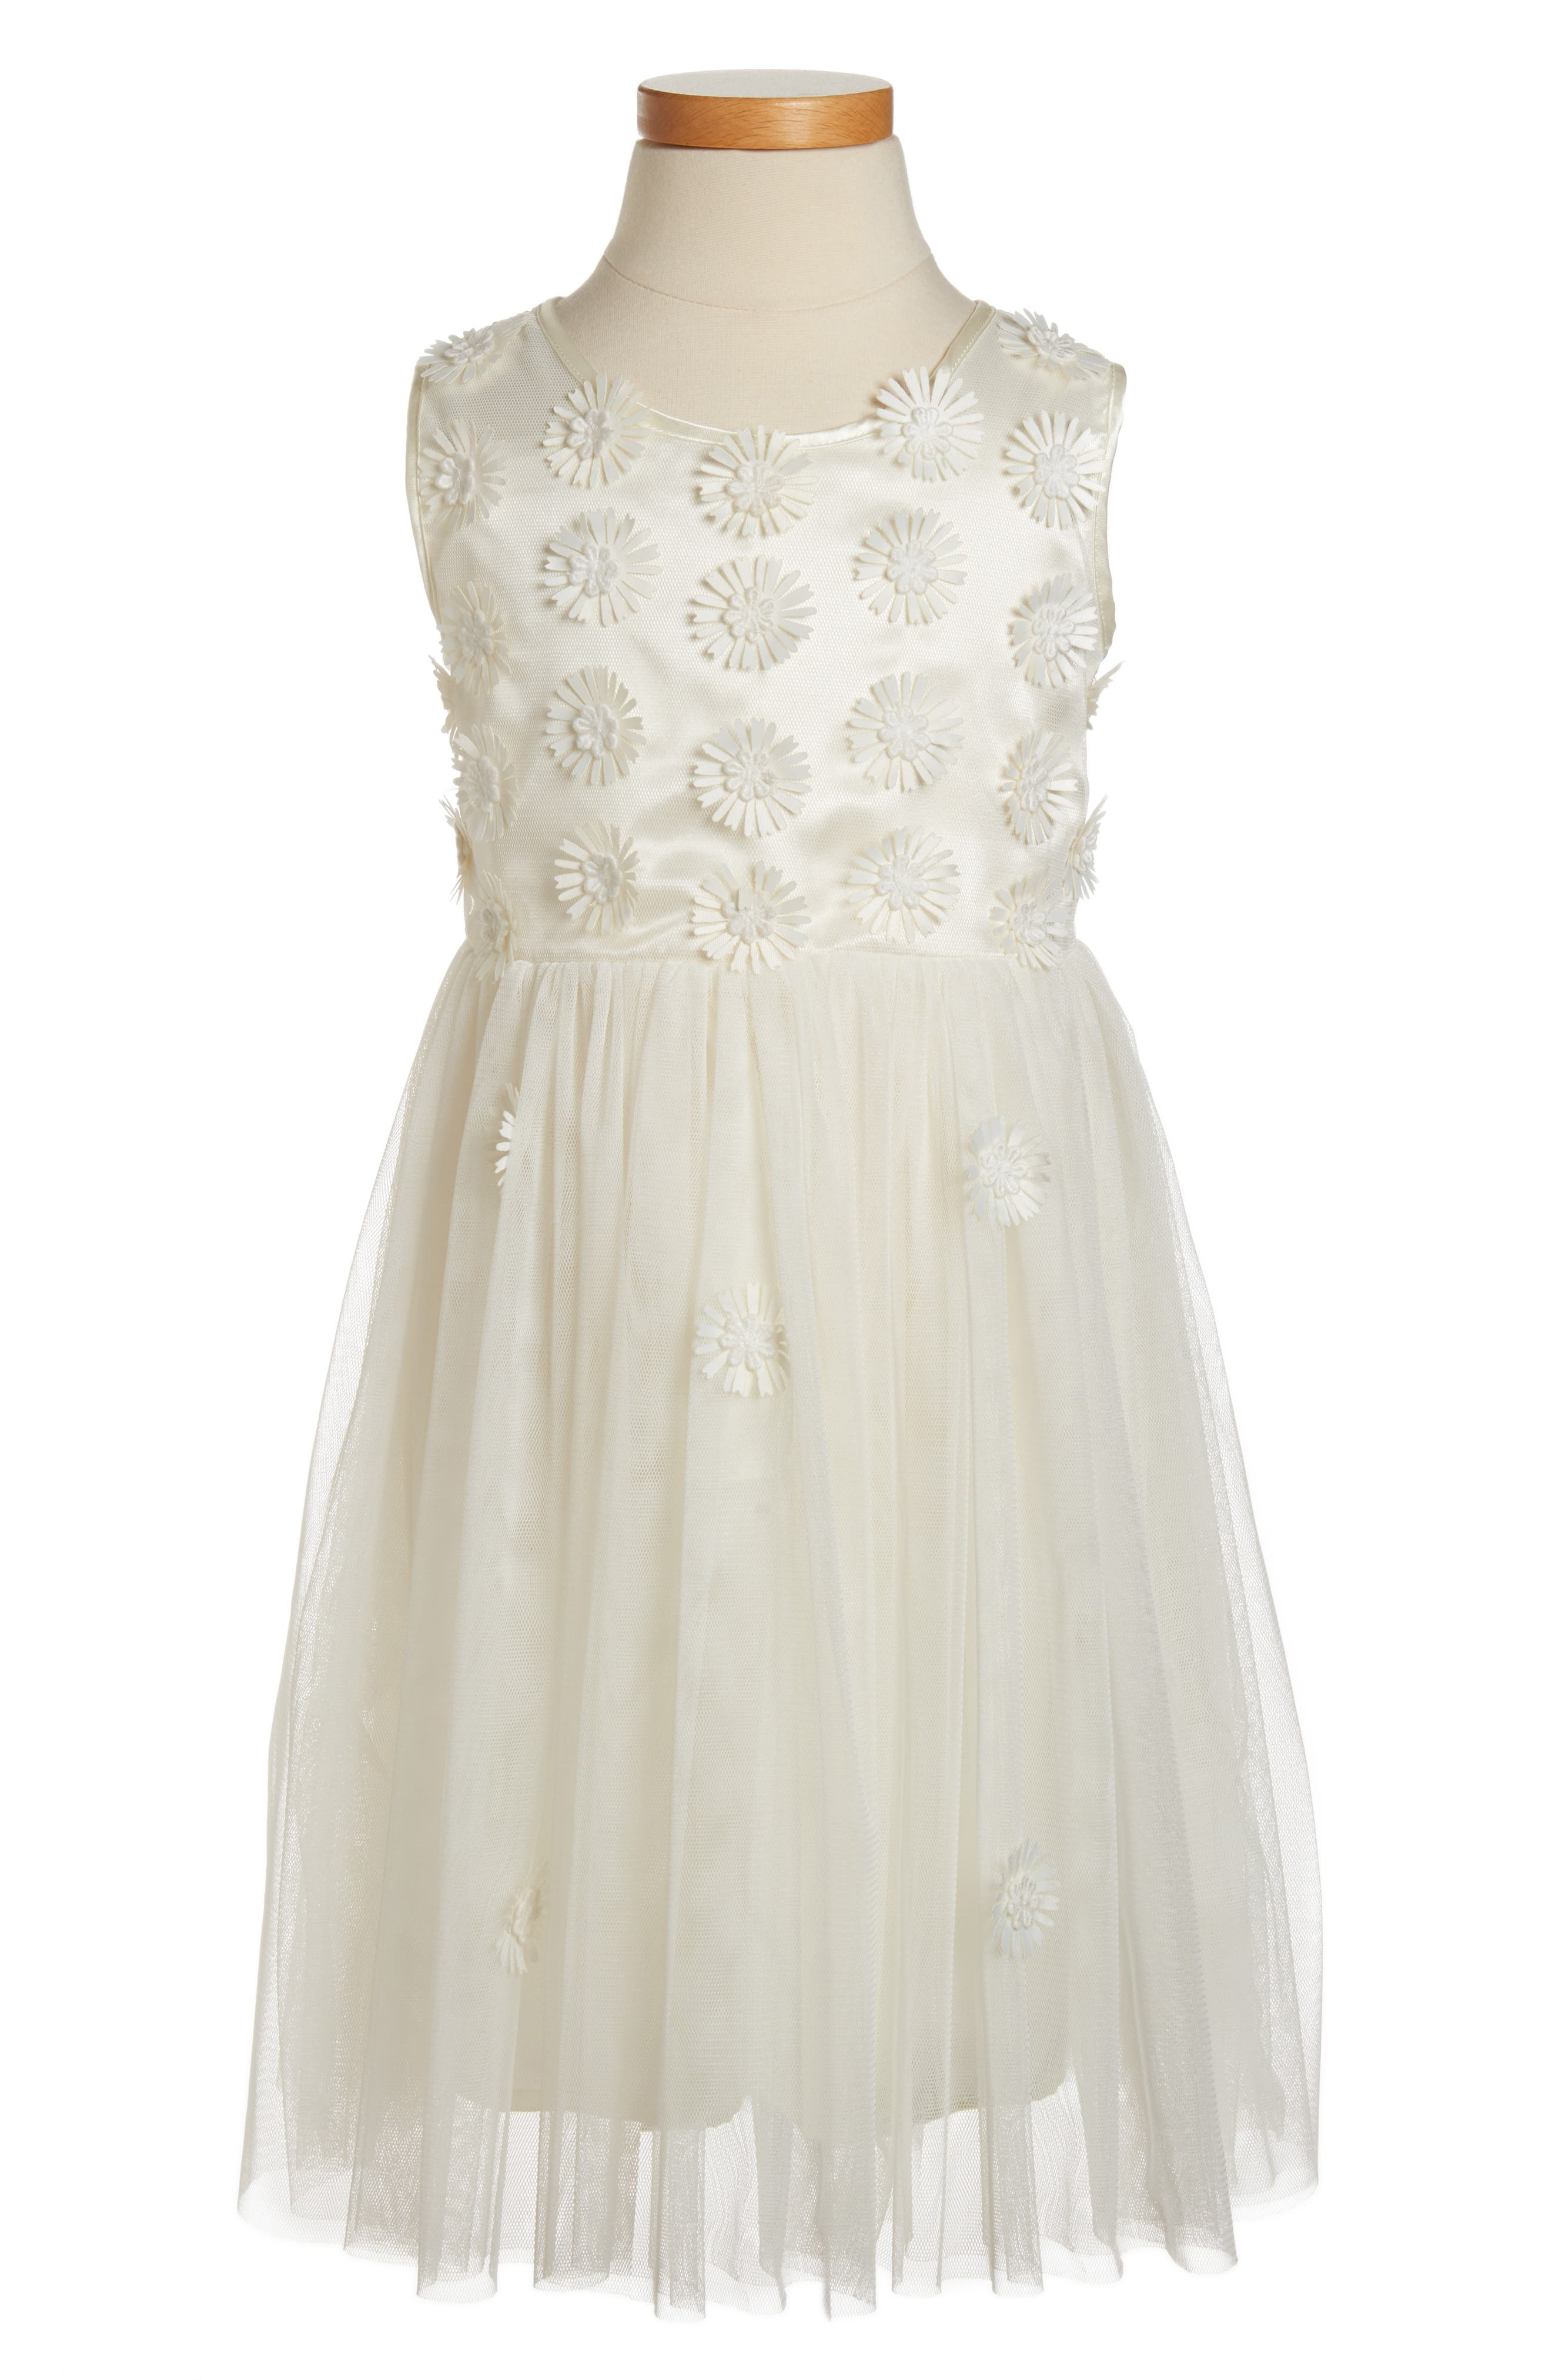 POPATU Daisy Sleeveless Dress, Main, color, WHITE